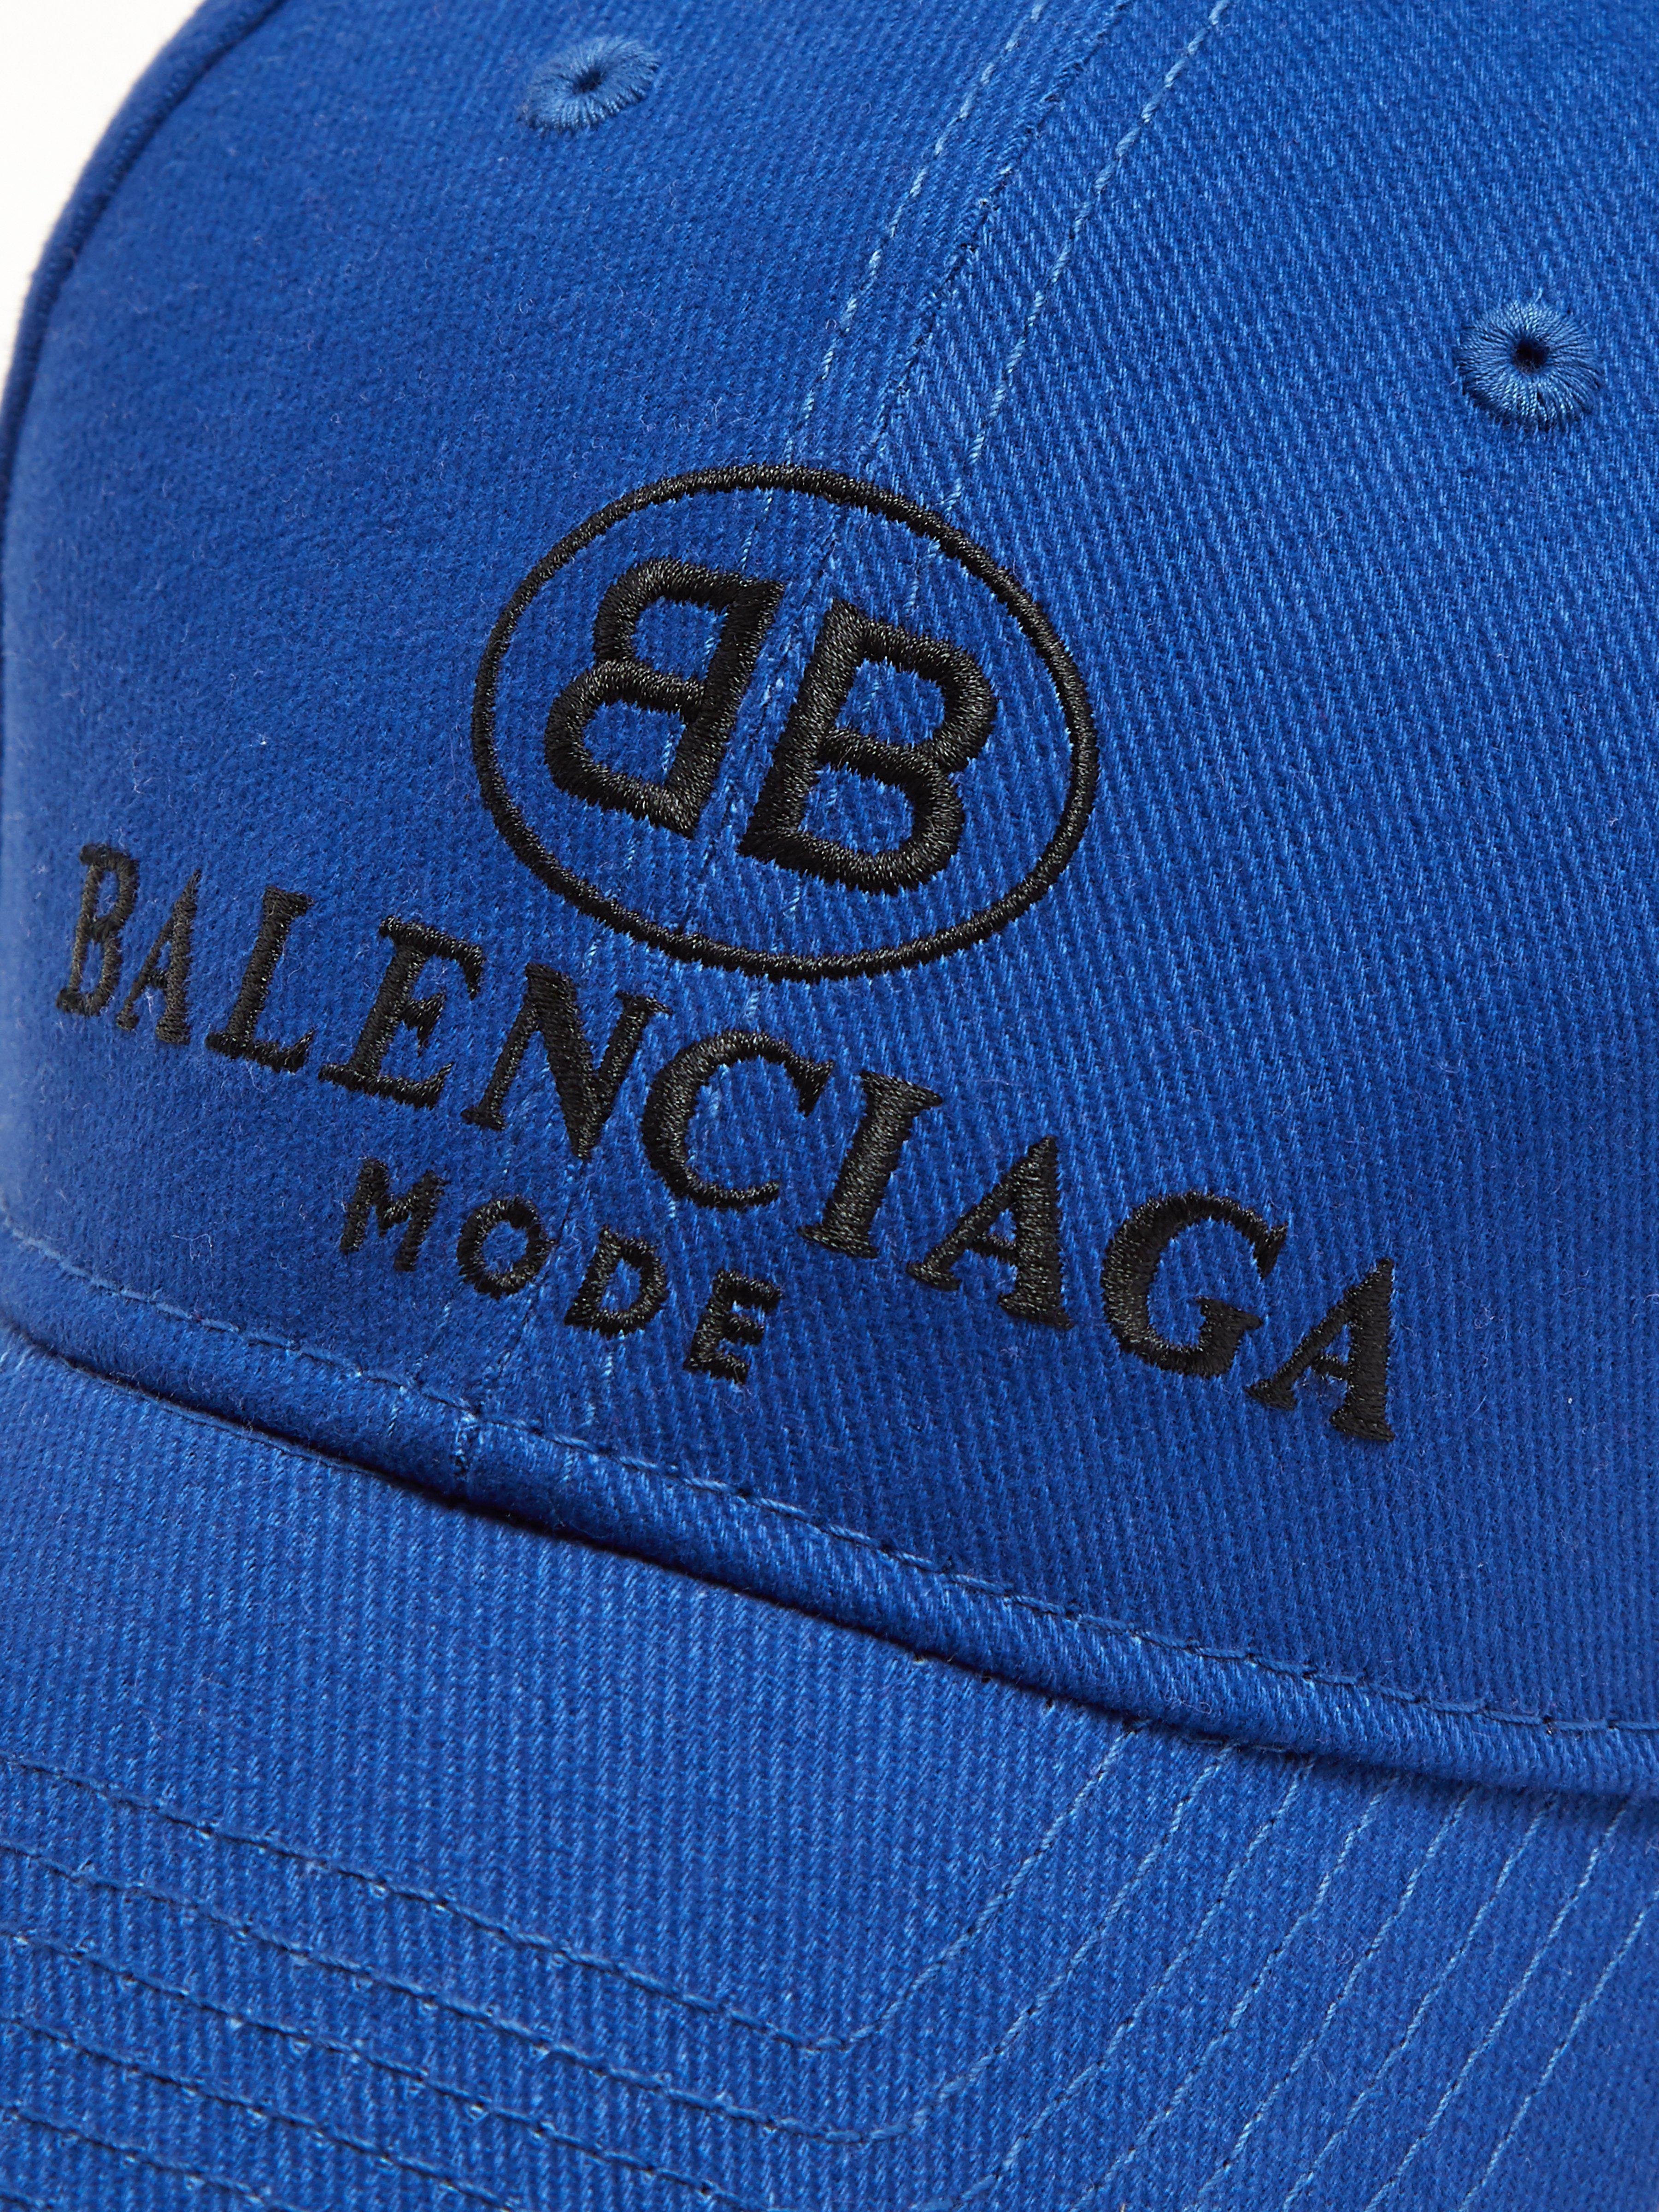 Pour Coton Casquette Broderie Logo Balenciaga En Homme Coloris À 0wOkX8nPN